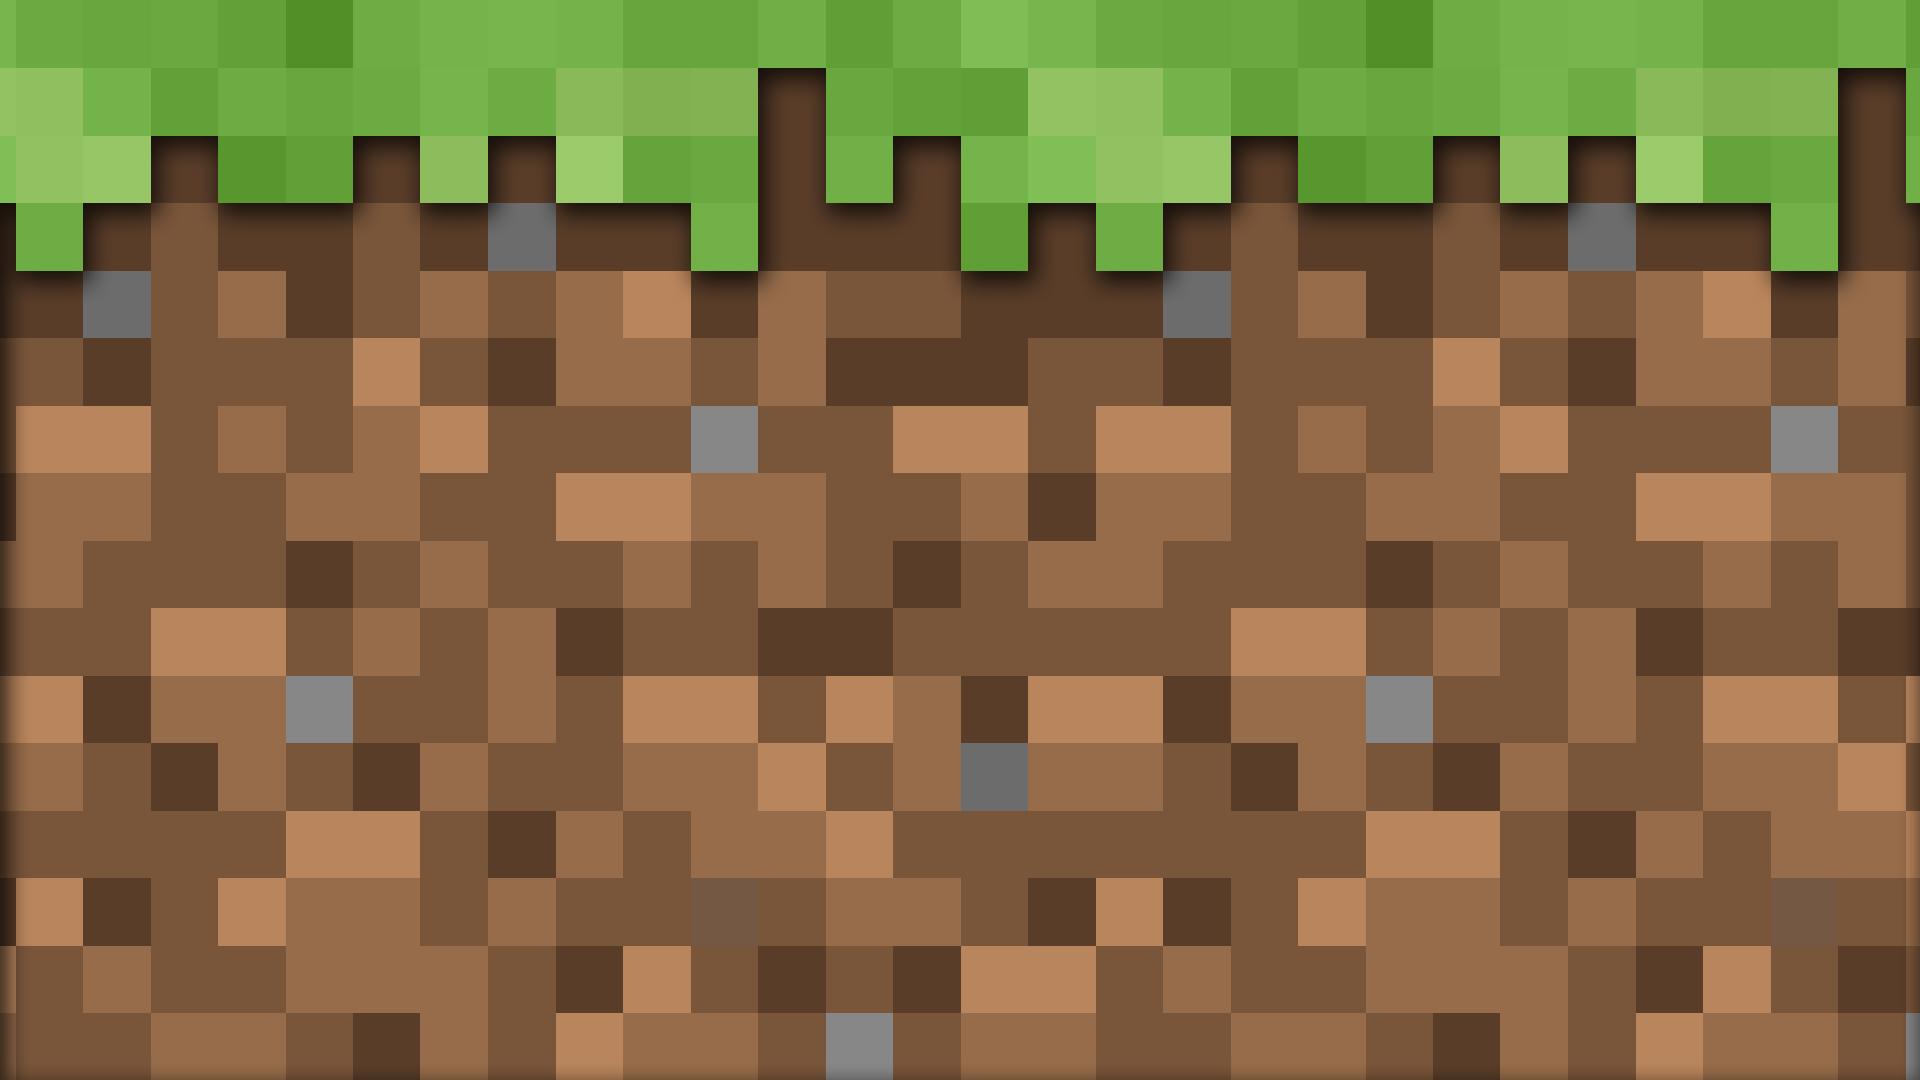 Minecraft Emerald Wallpaper Minecraft grass wallpaper 1920x1080